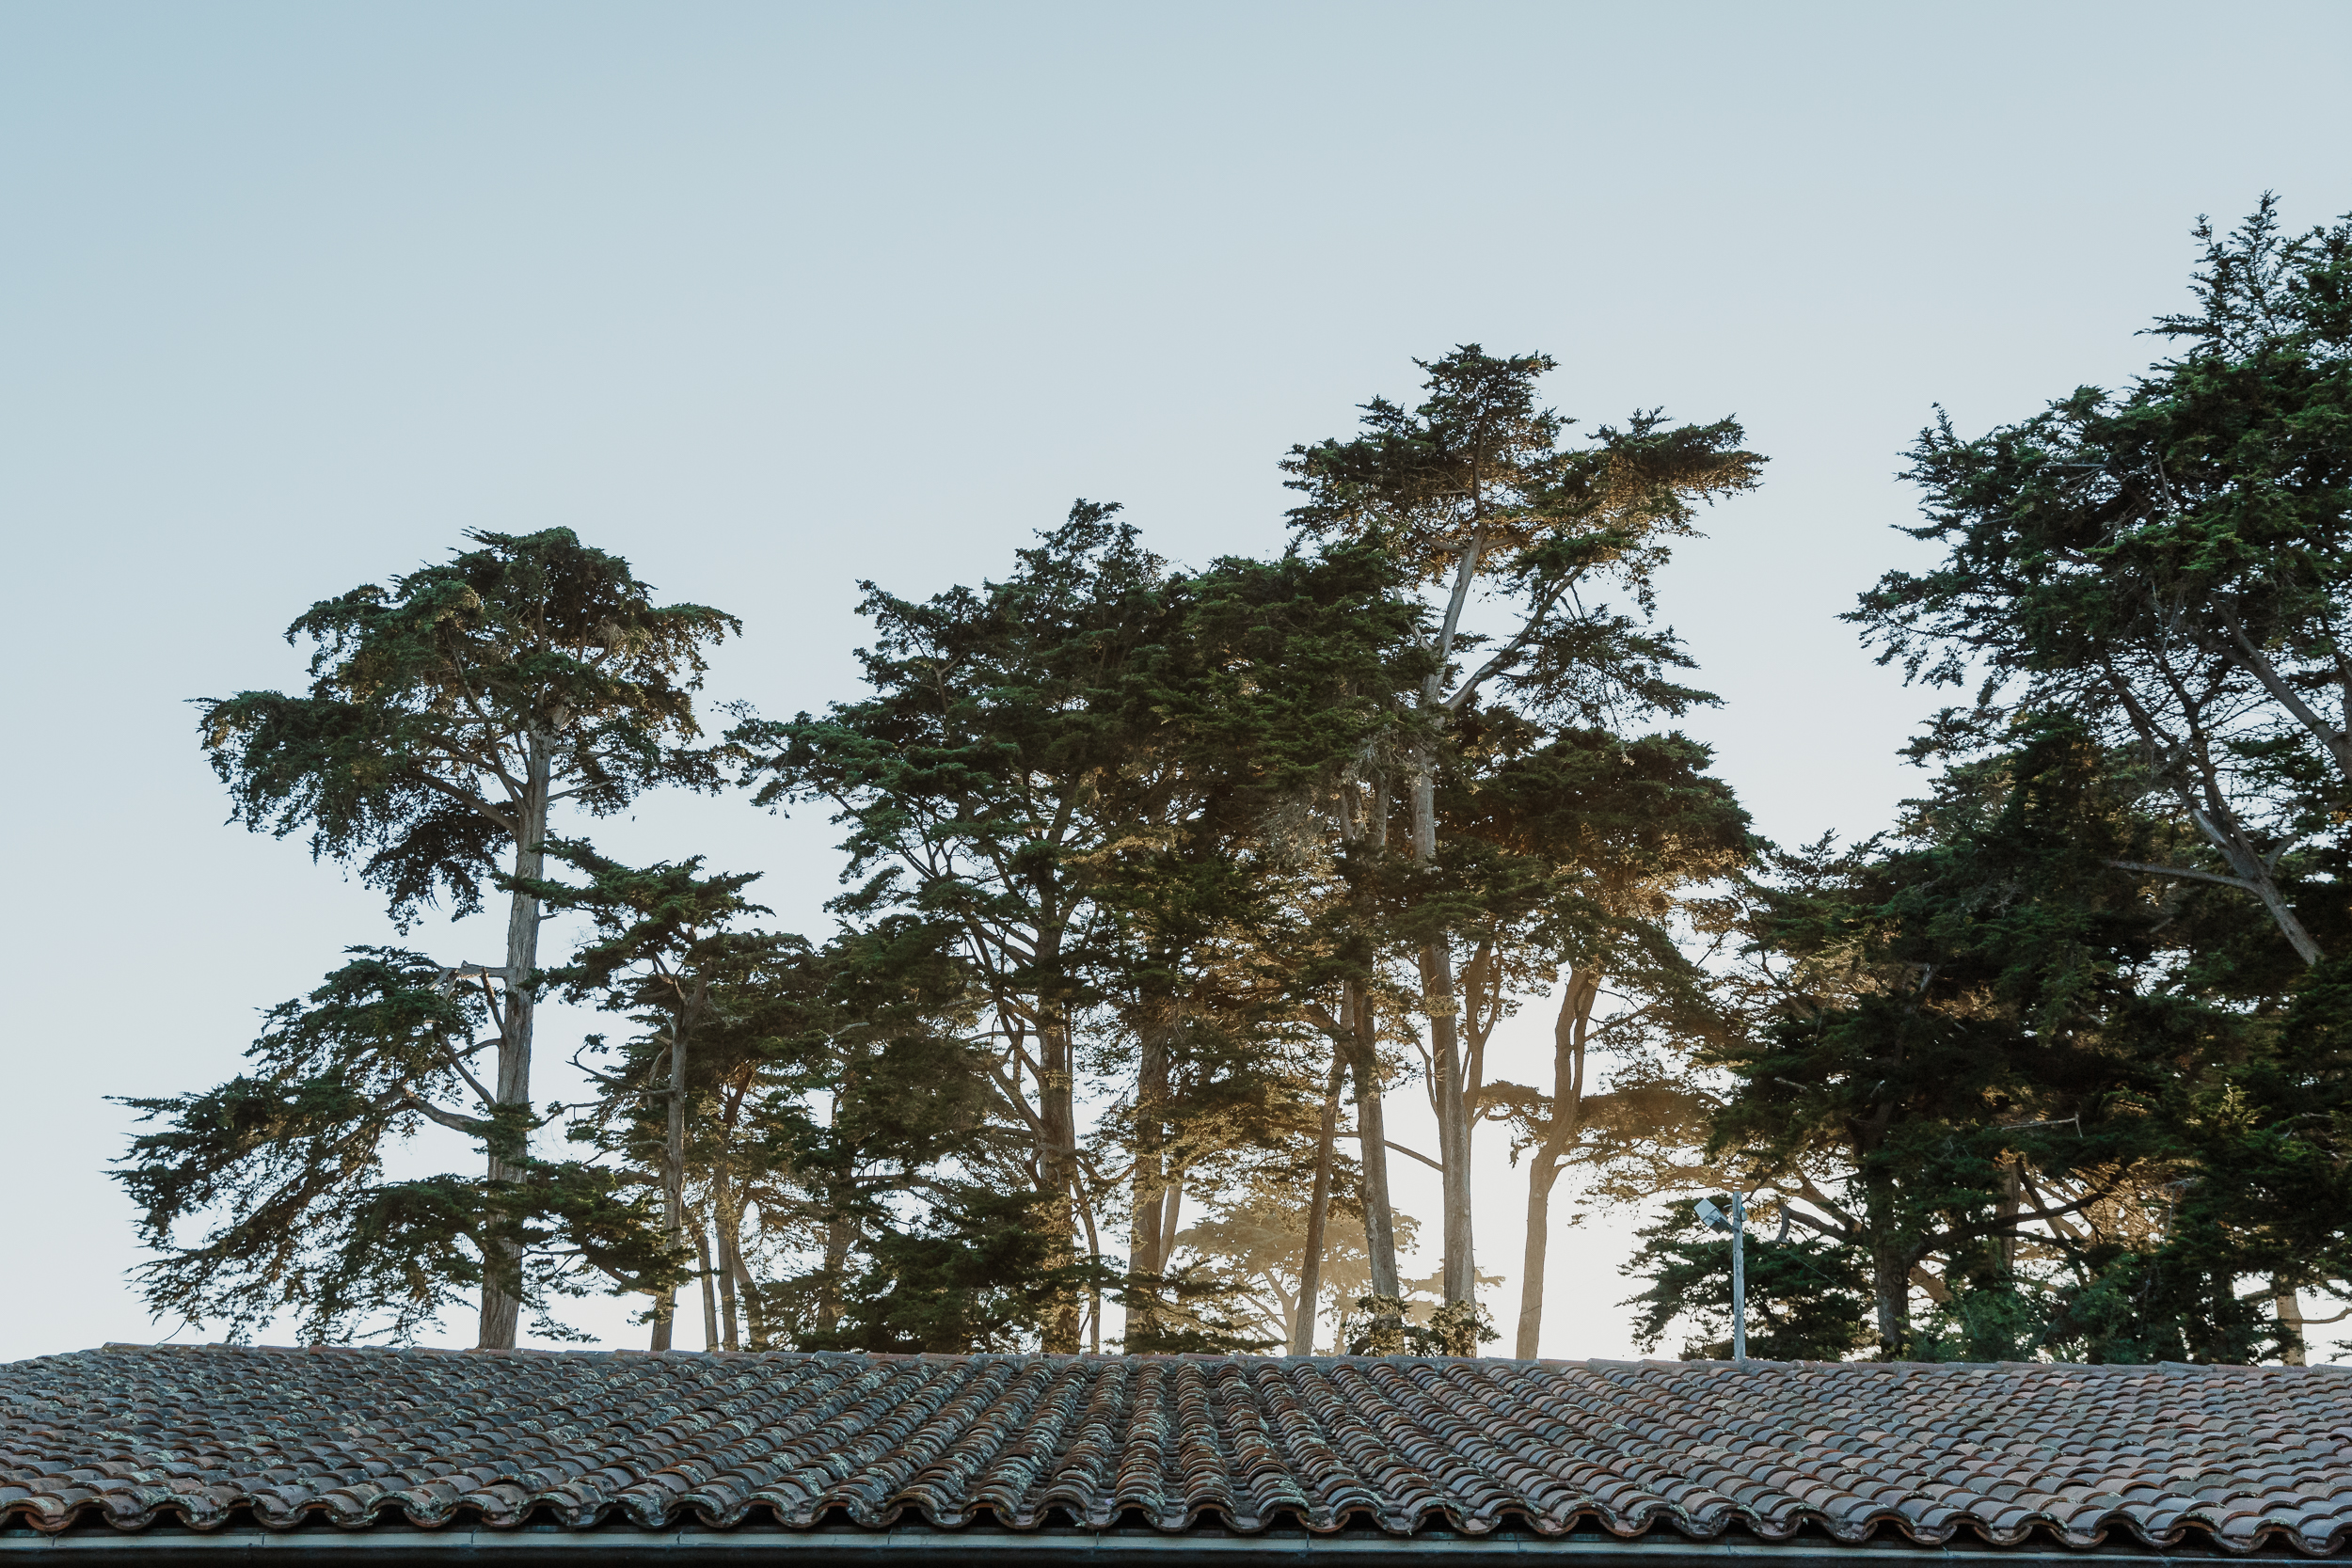 52-traditional-san-francisco-presidio-golden-gate-club-wedding-vivianchen-026.jpg